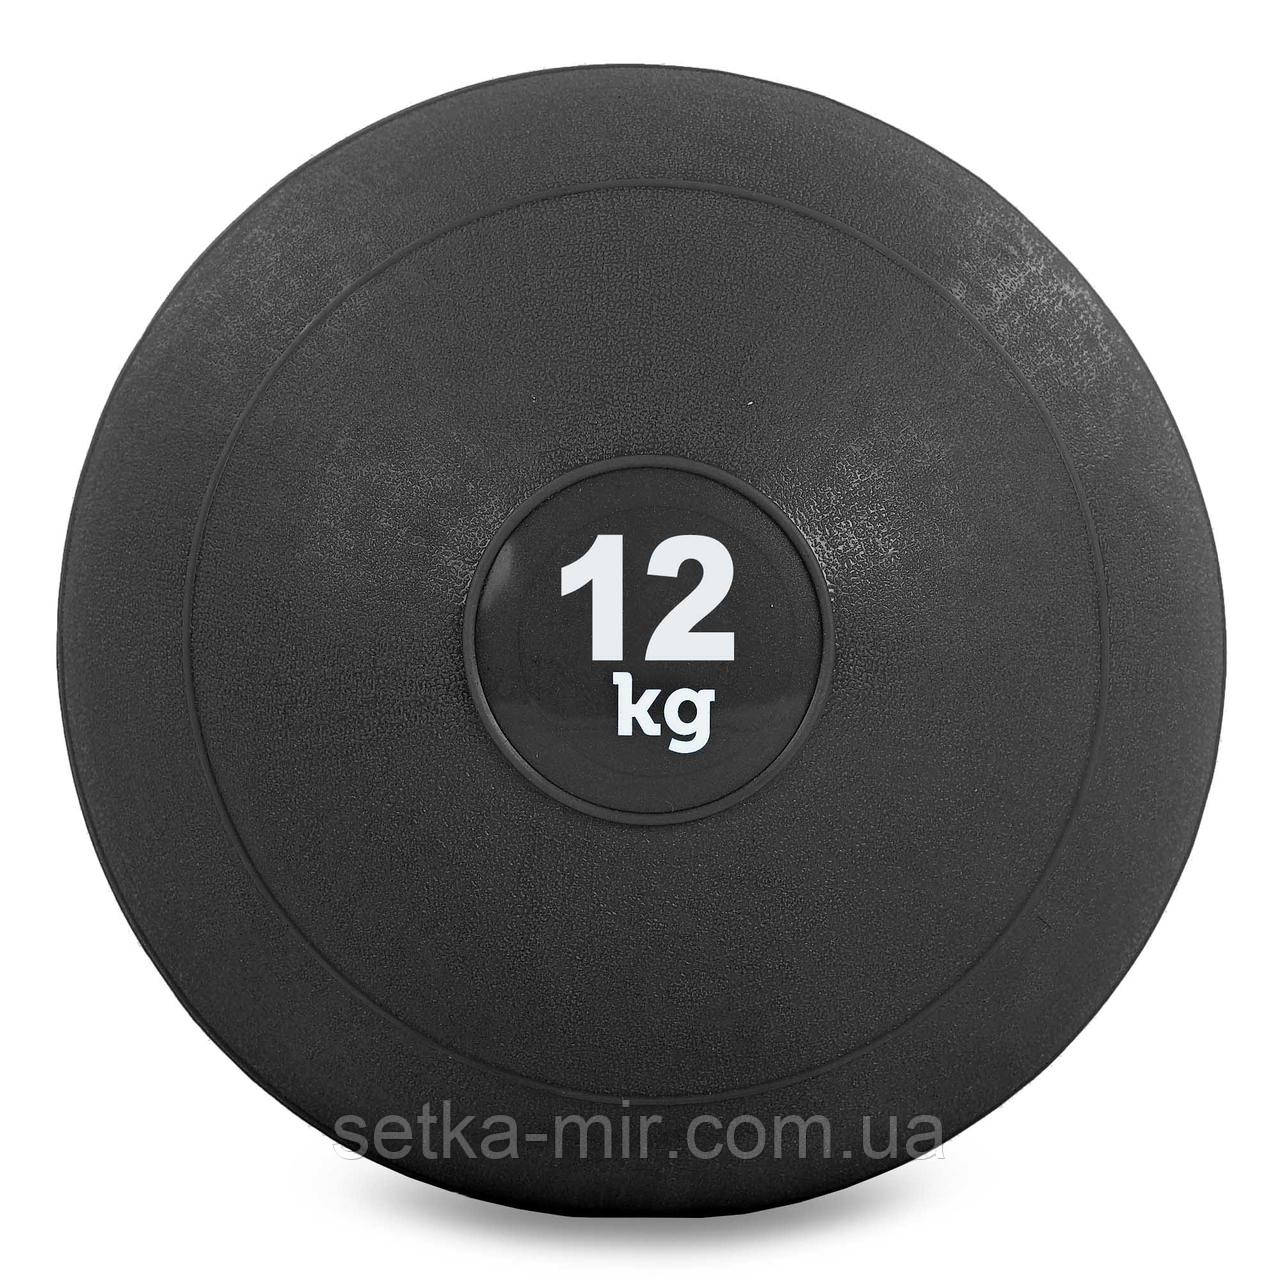 Мяч набивной слэмбол для кроссфита Record SLAM BALL FI-5165-12 12кг